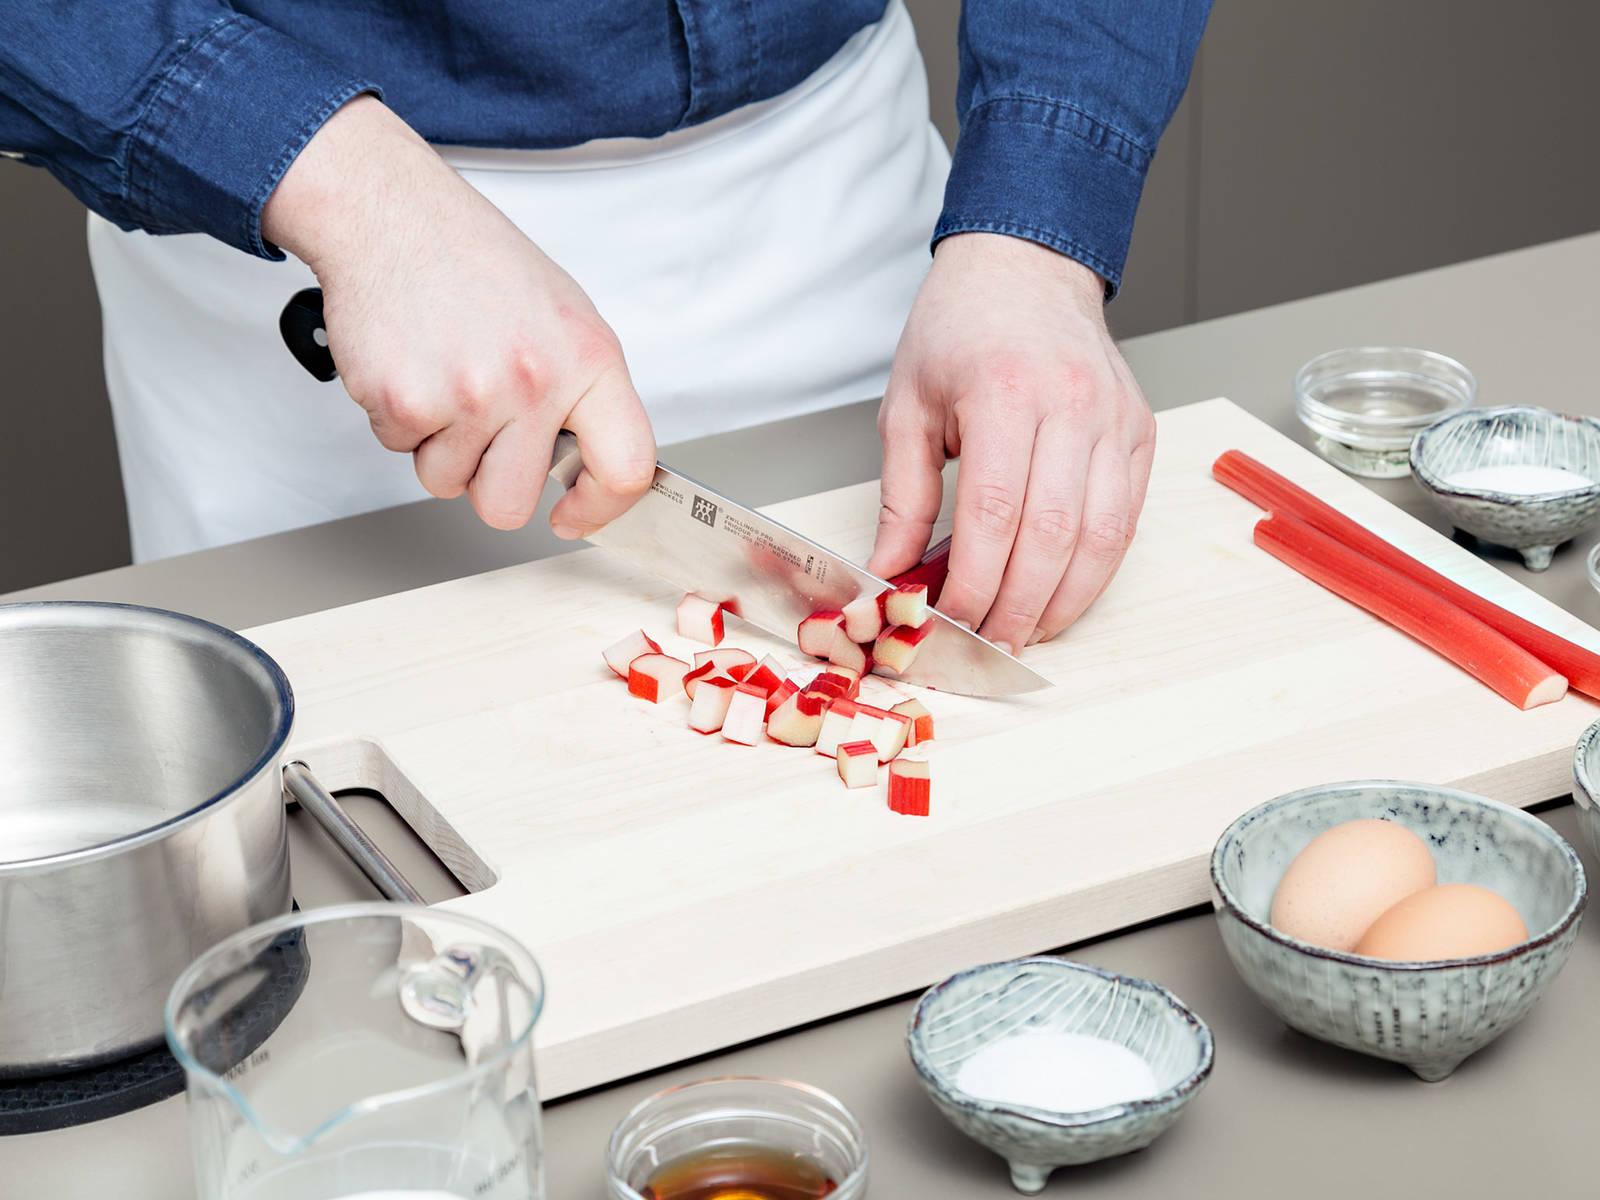 Rhabarber gründlich waschen und in etwa 3 cm dicke Stücke schneiden. Zusammen mit Zucker und Weißwein in einen Topf über mittlerer Hitze geben und für ca. 10 Min., oder bis der Rhabarber weich ist, kochen.